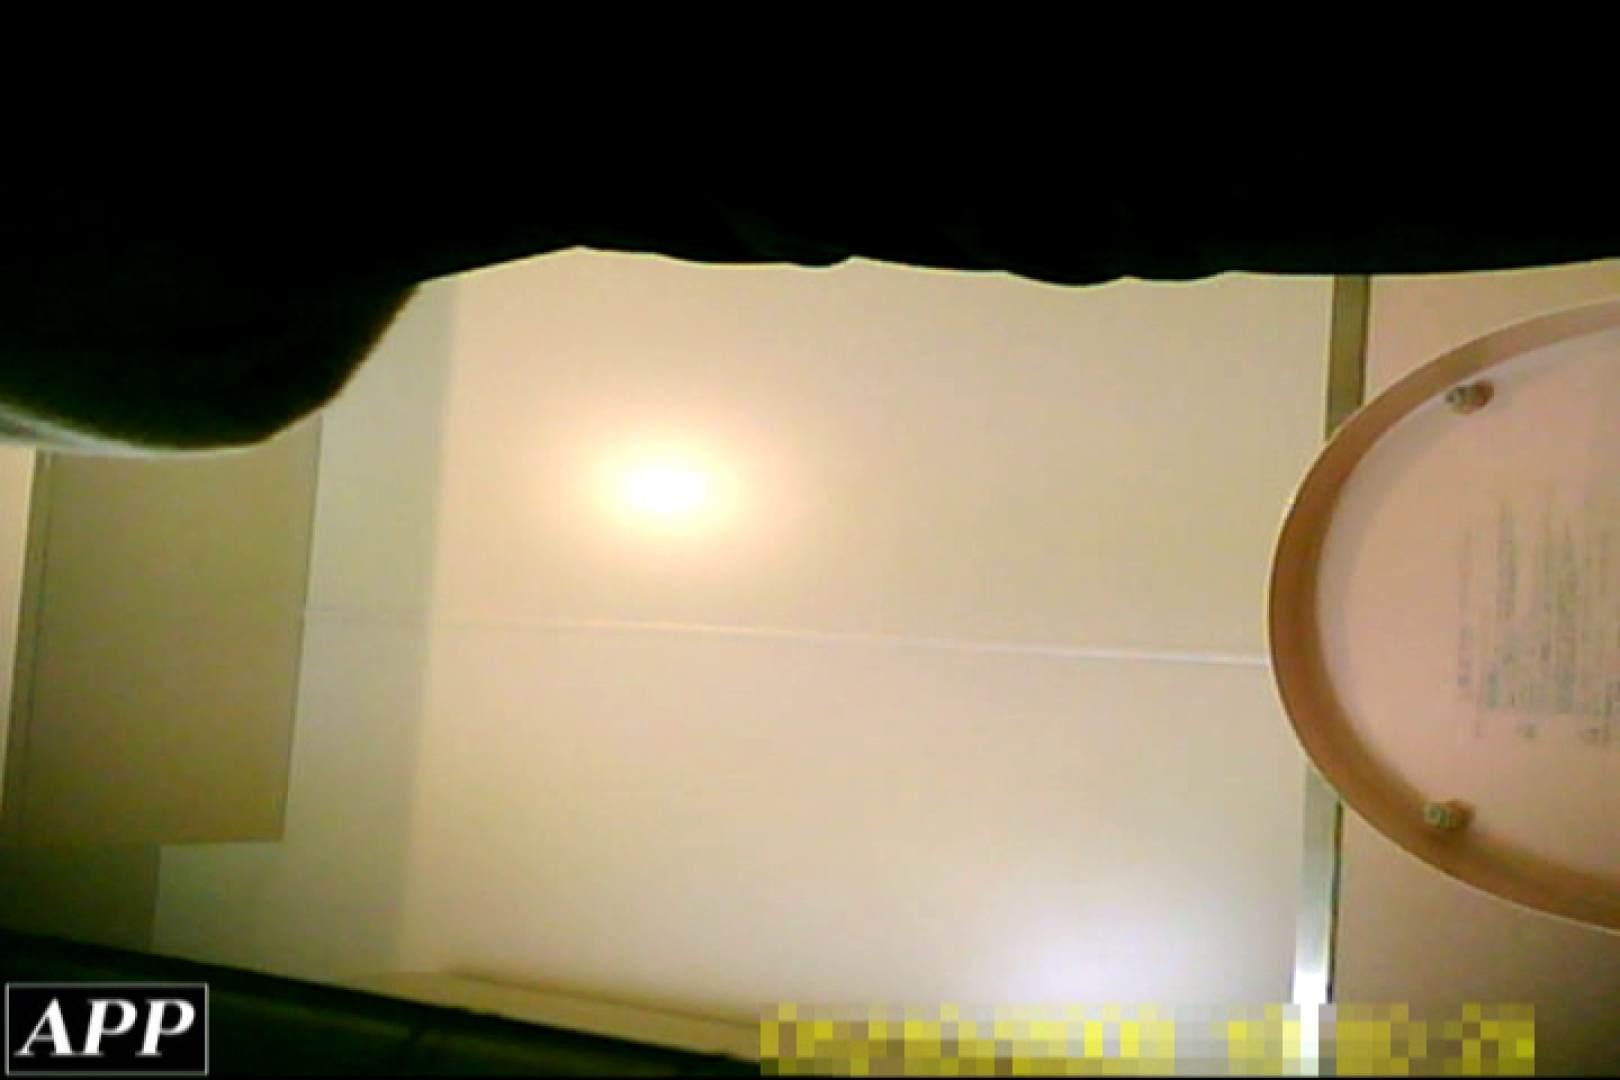 3視点洗面所 vol.132 マンコ 盗み撮り動画 78pic 25